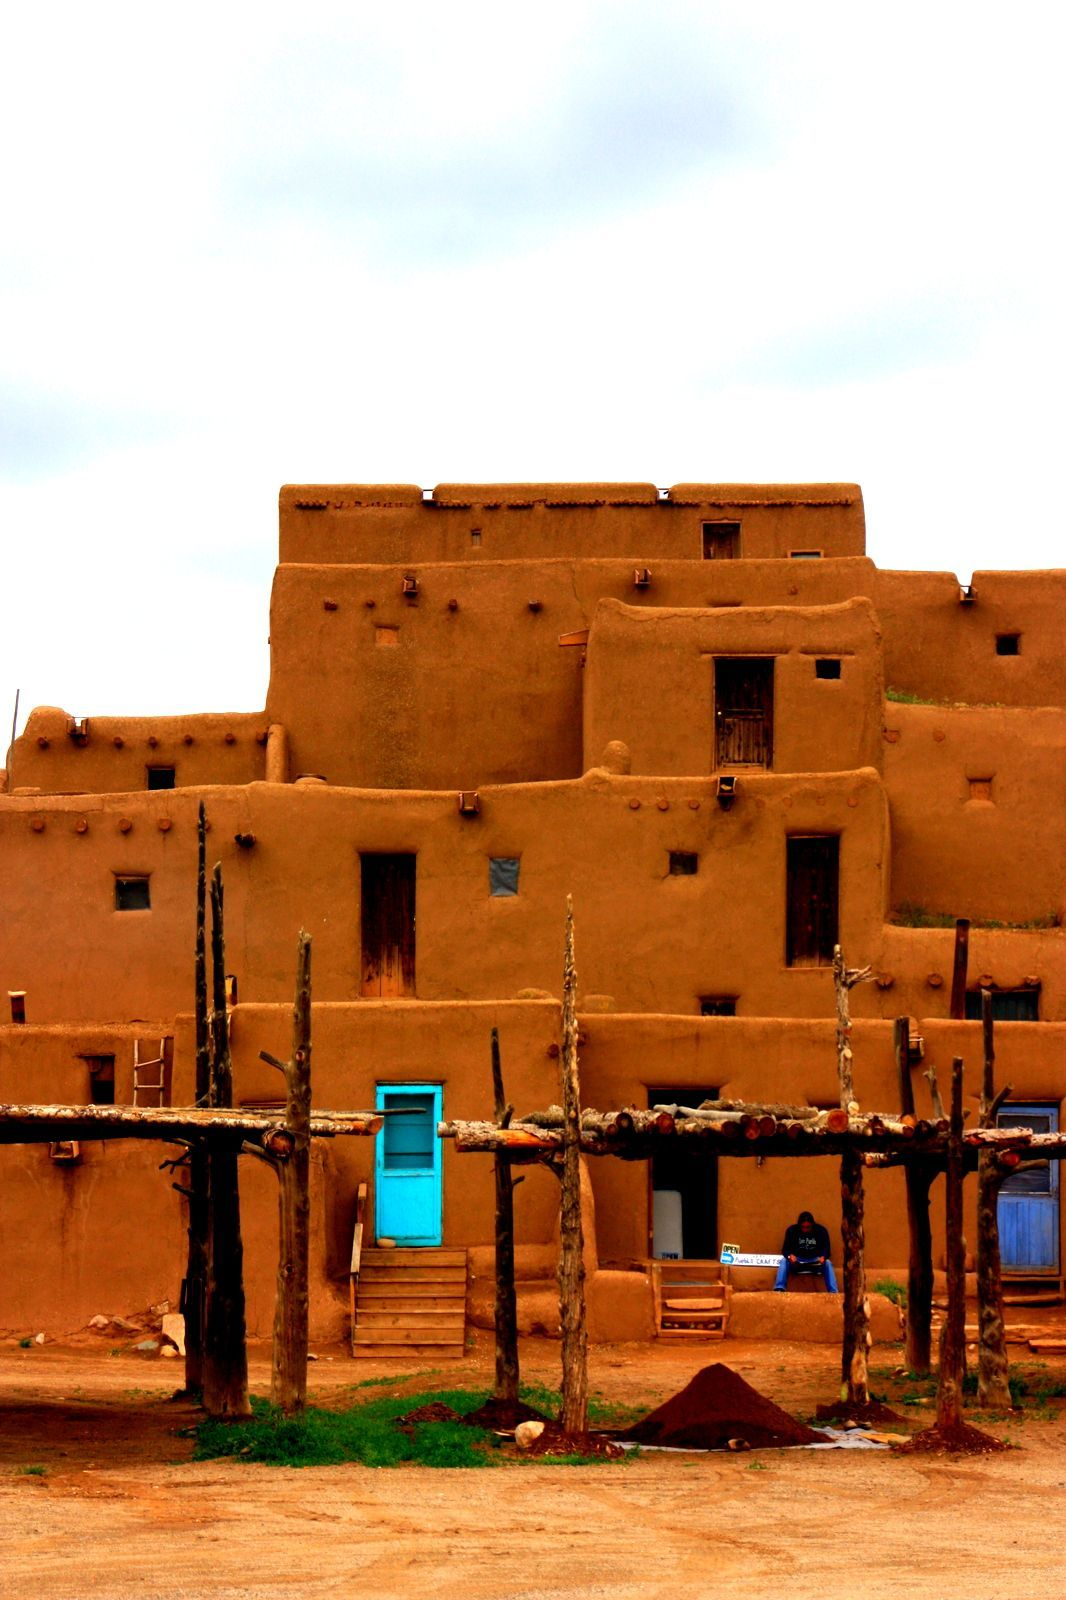 Taos Pueblo, New Mexico, Usa Stock Photo 98746439 ...  |Taos Pueblo New Mexico Usa